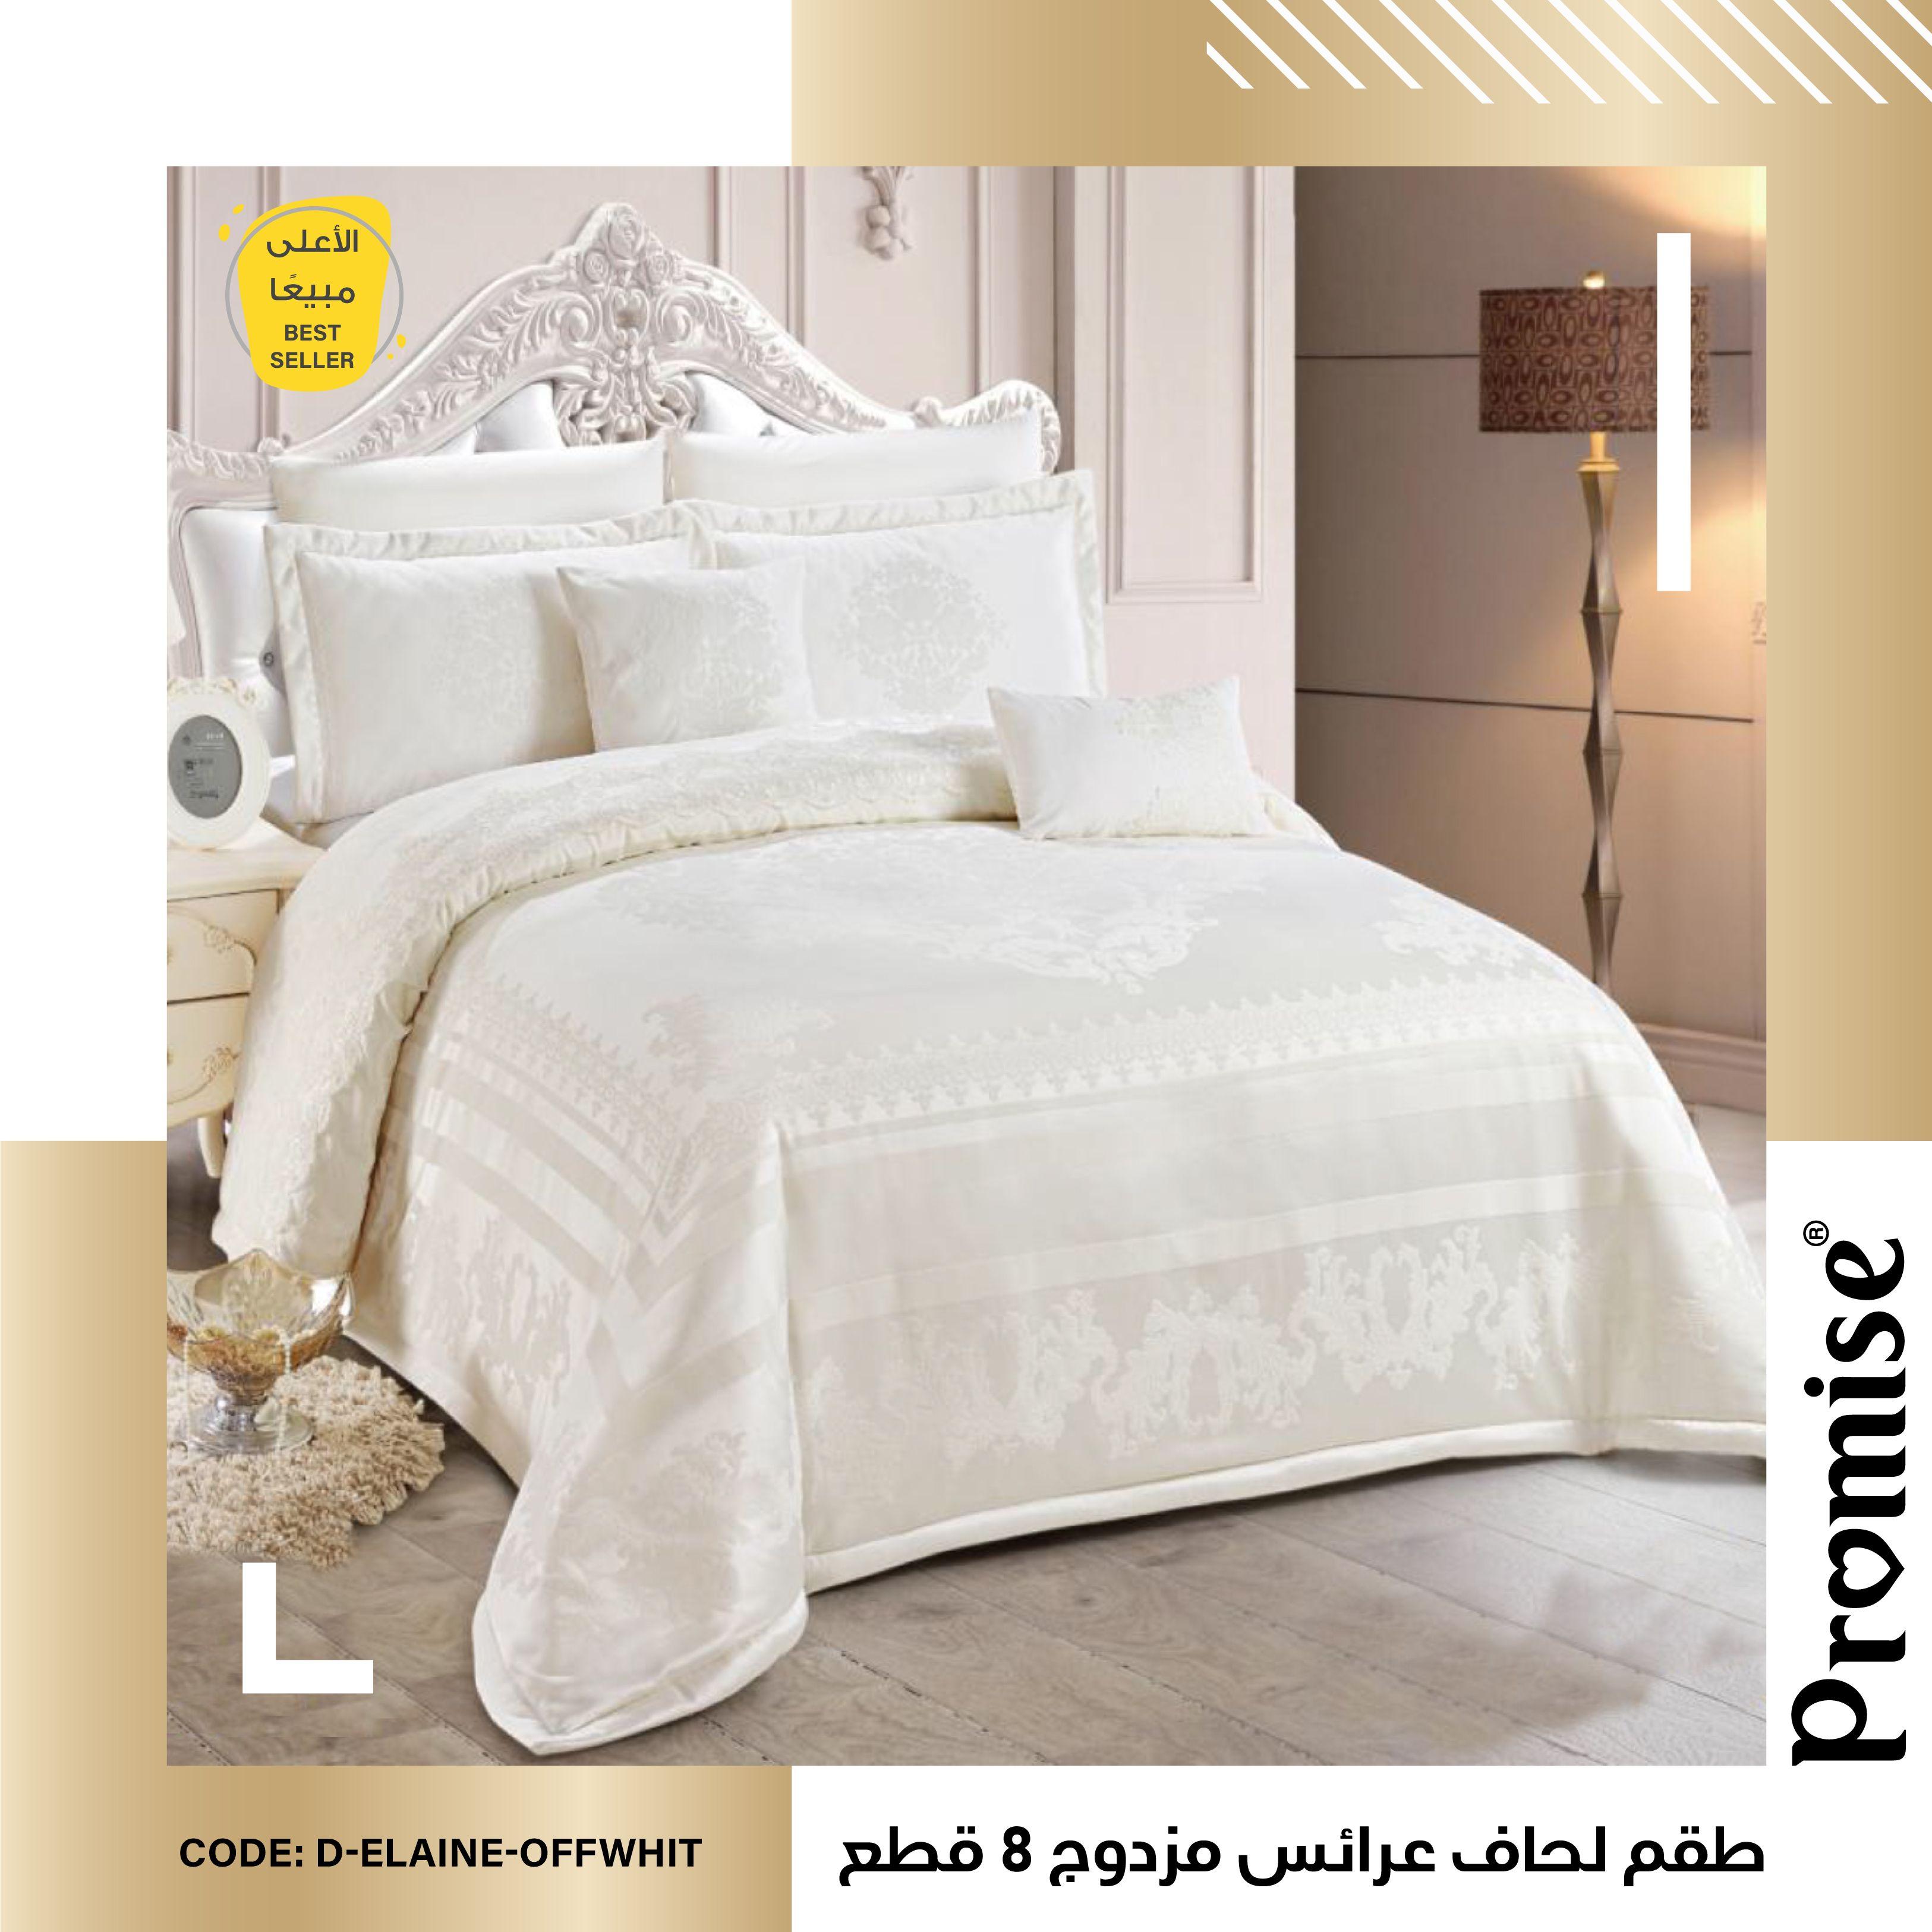 مفرش فاخر بألوانه ونقوشاته الهادئة التي تعطيك لمسة أنيقة لغرفتك Home Furniture Home Decor